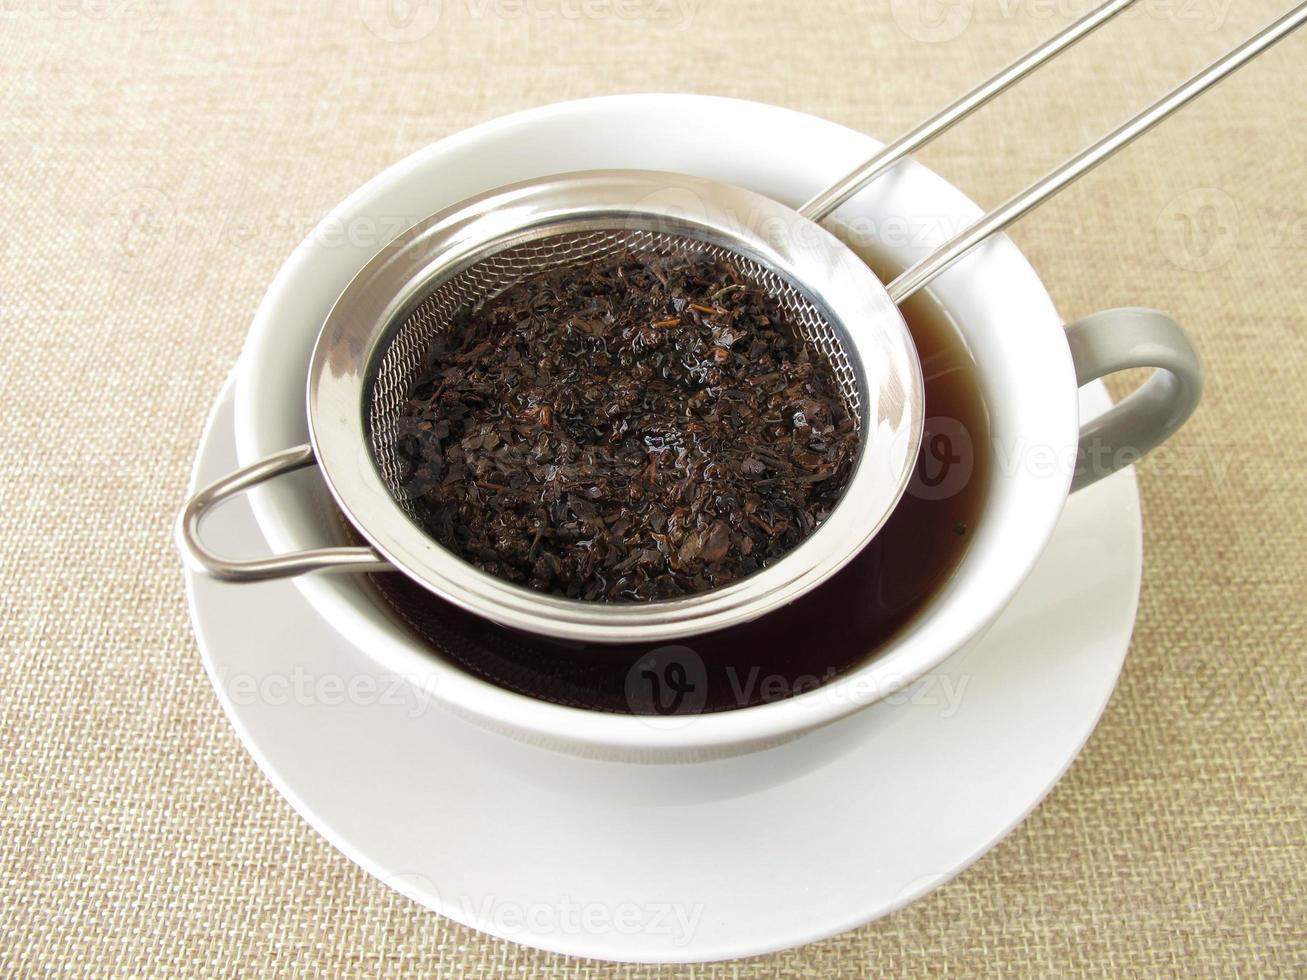 té negro en colador de té foto